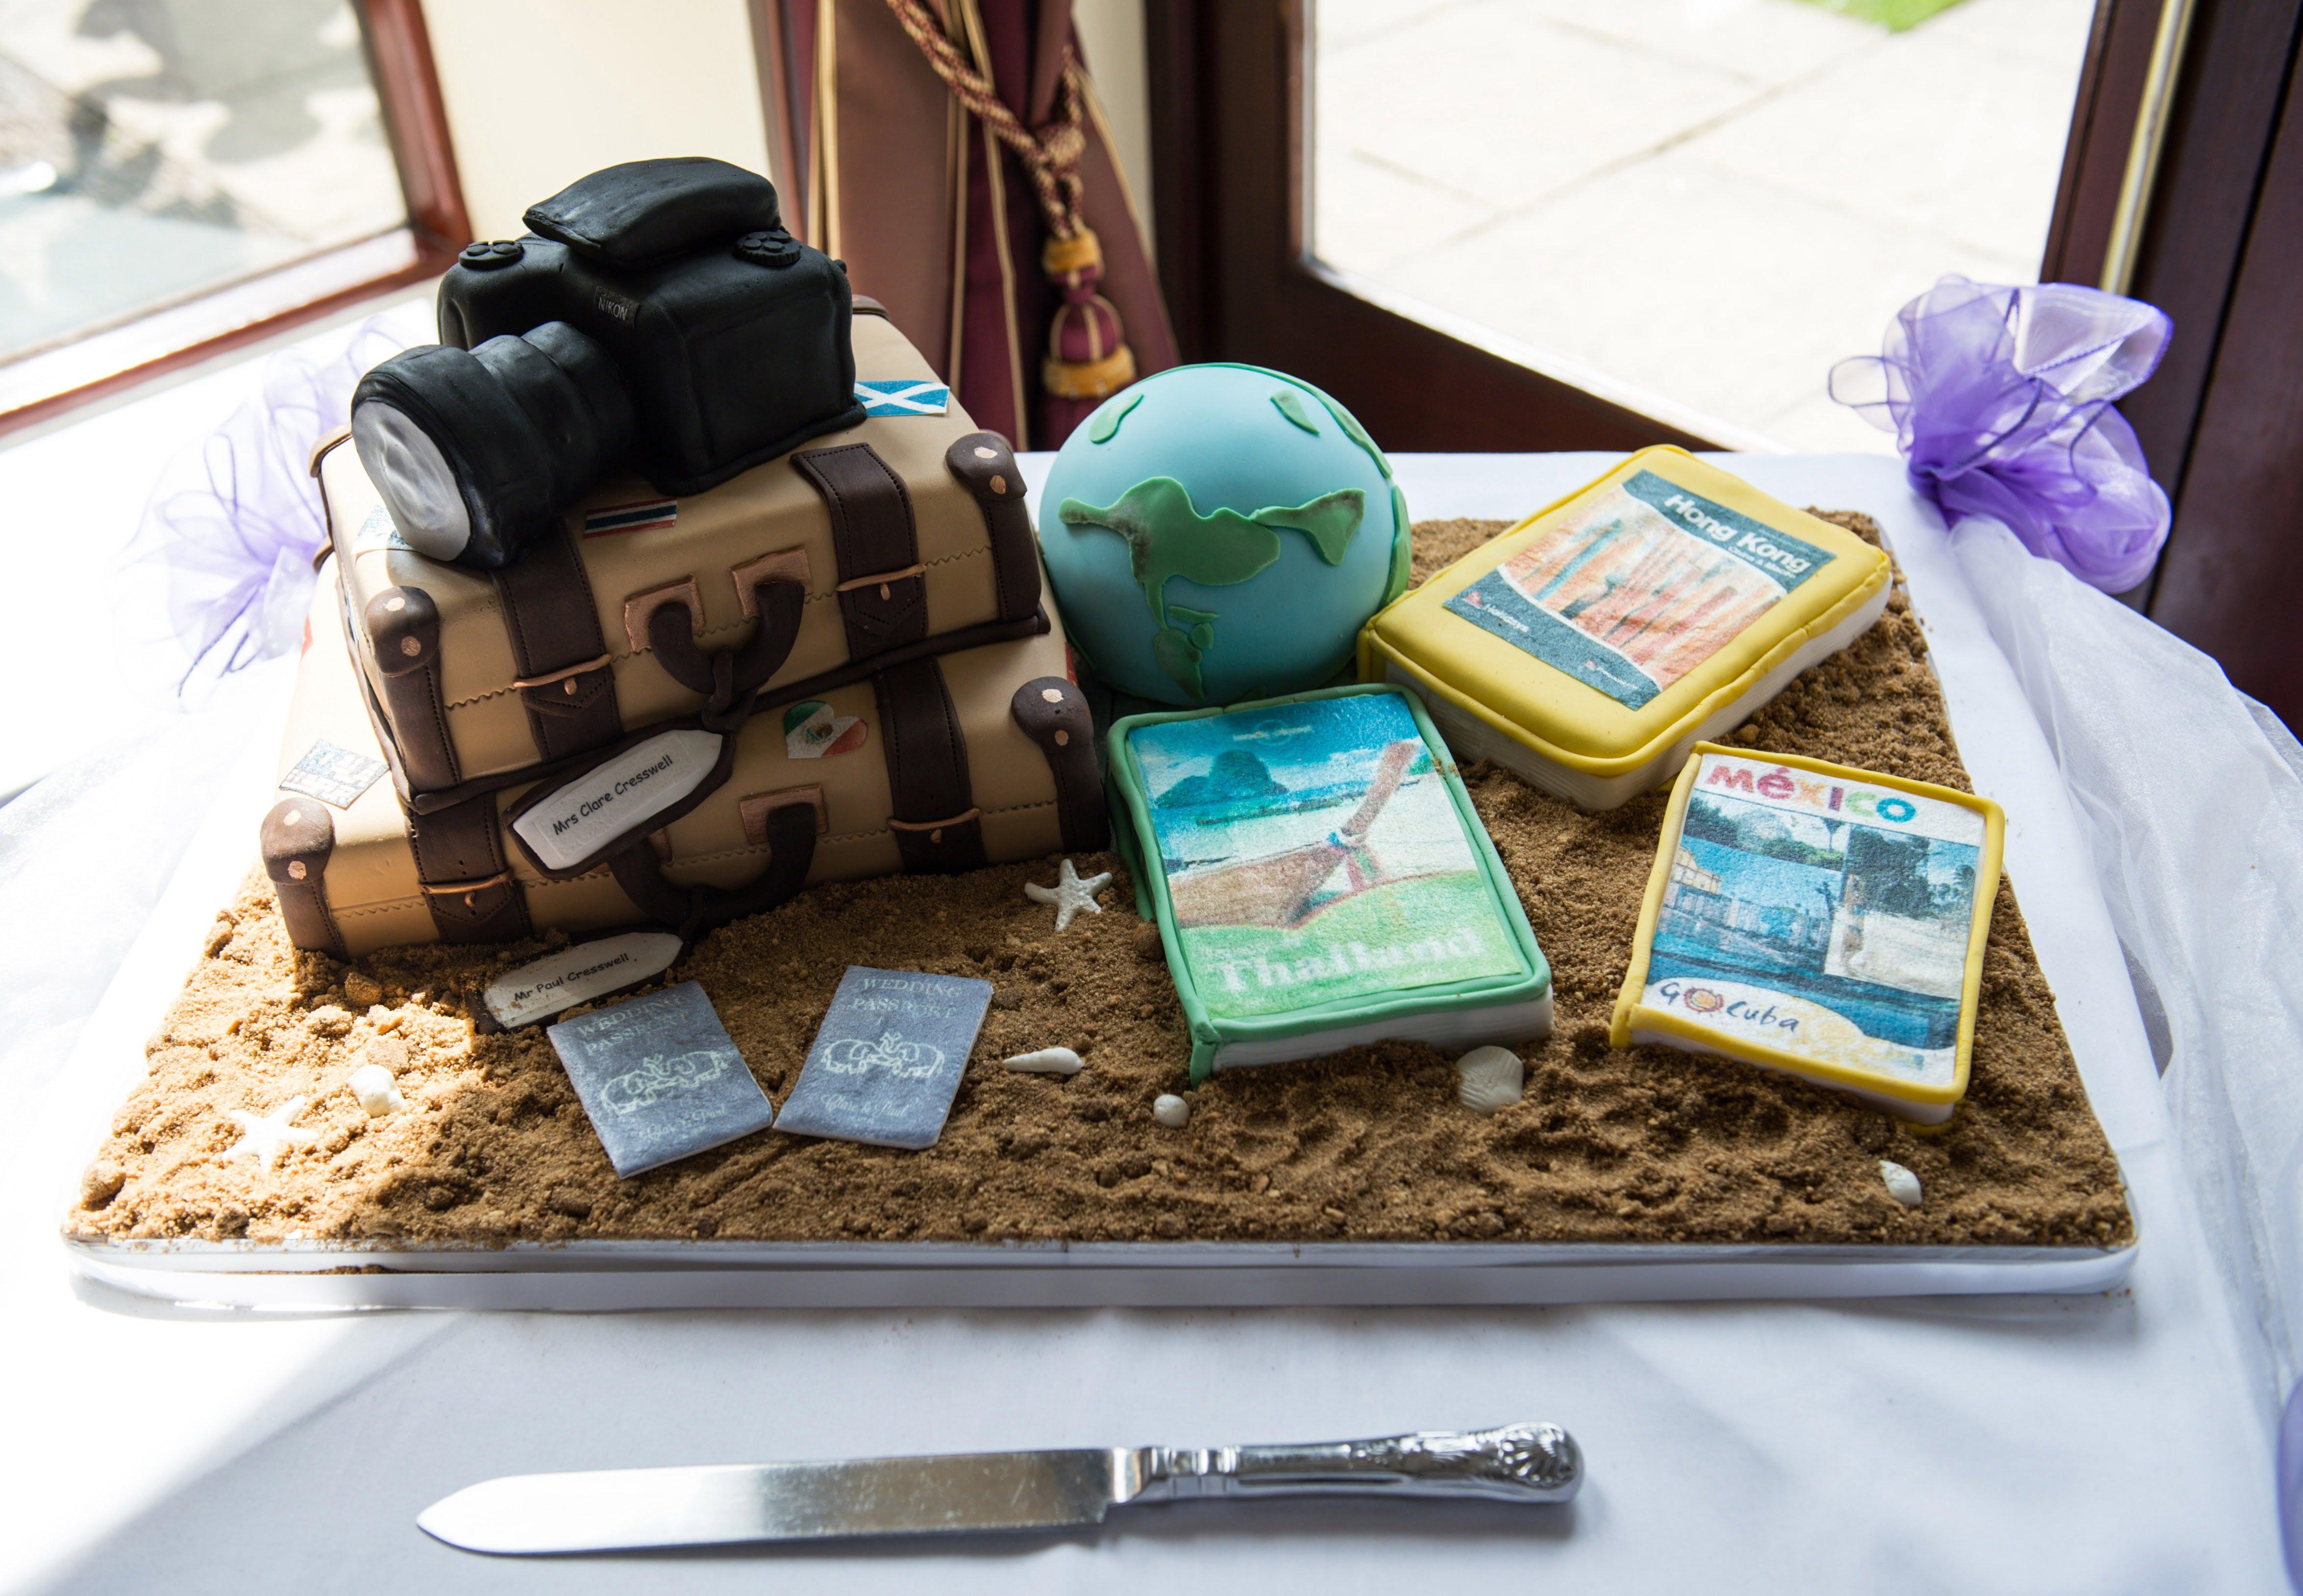 Travel theme wedding cake. Camera and Suitcase.